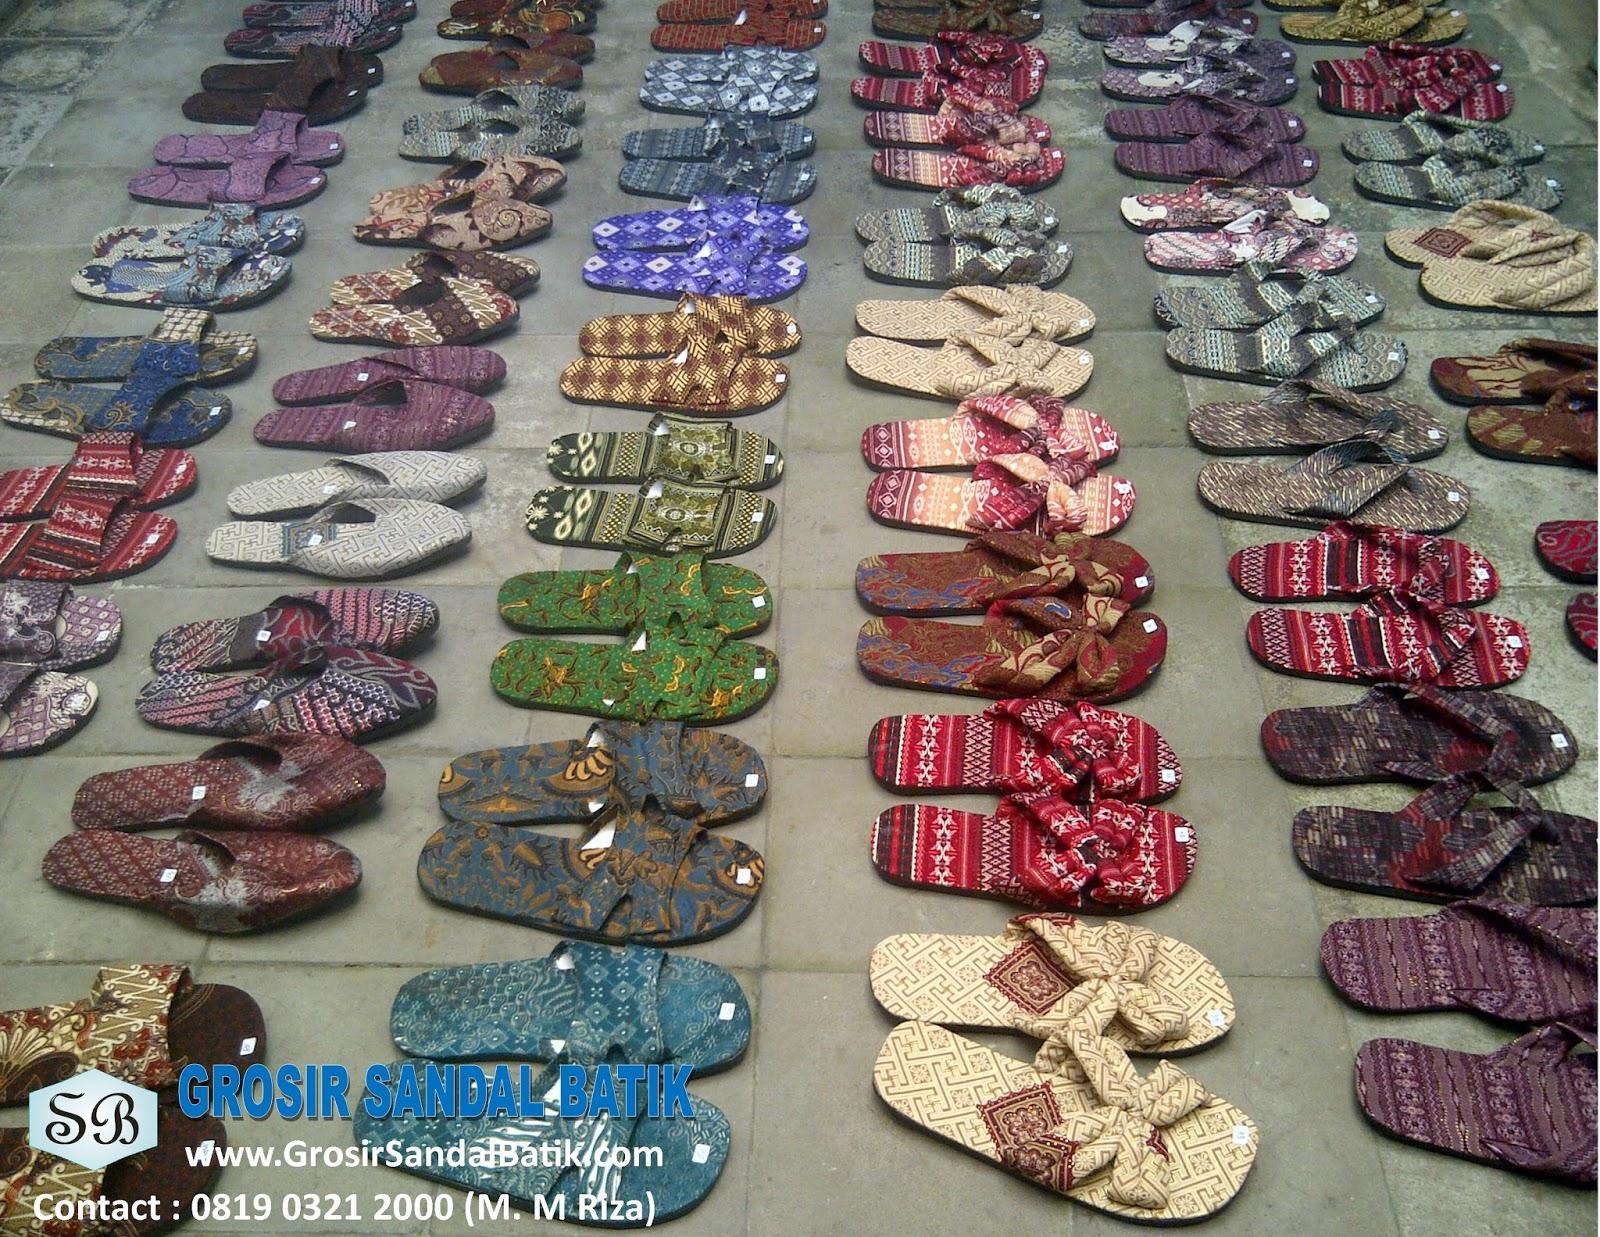 model-sepatubaru: Grosir Sepatu Anak Branded Images